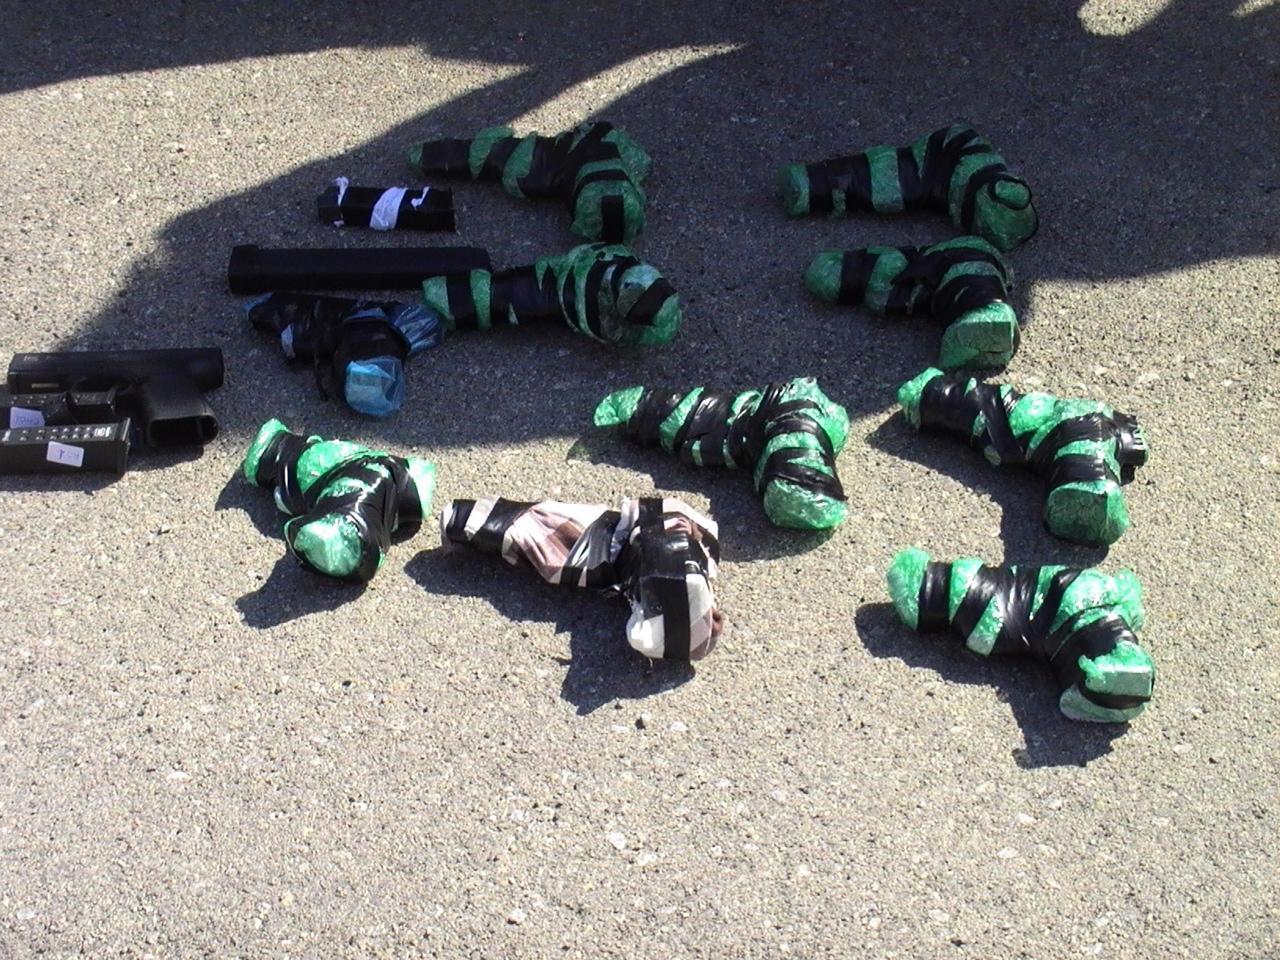 Algunas de las armas camufladas en el vehículo.